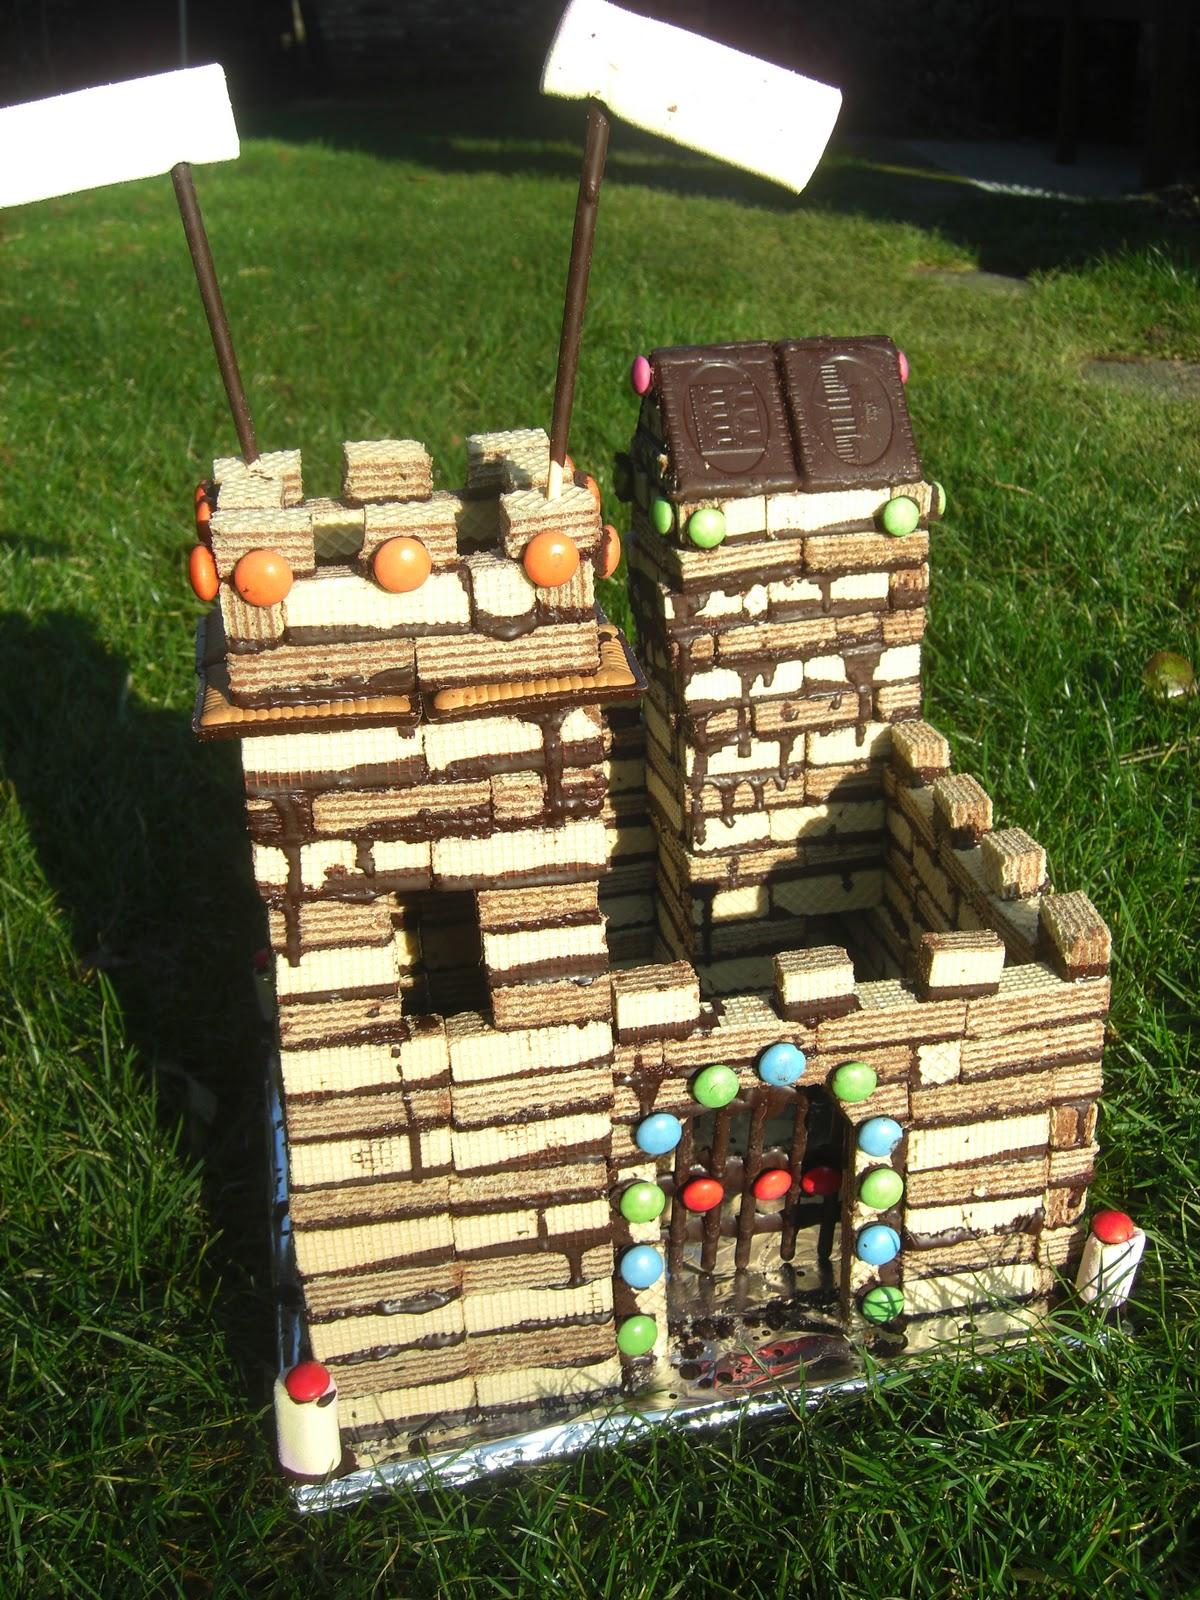 Uberall Nirgendwo Ritter Geburtstag Burg Kuchen